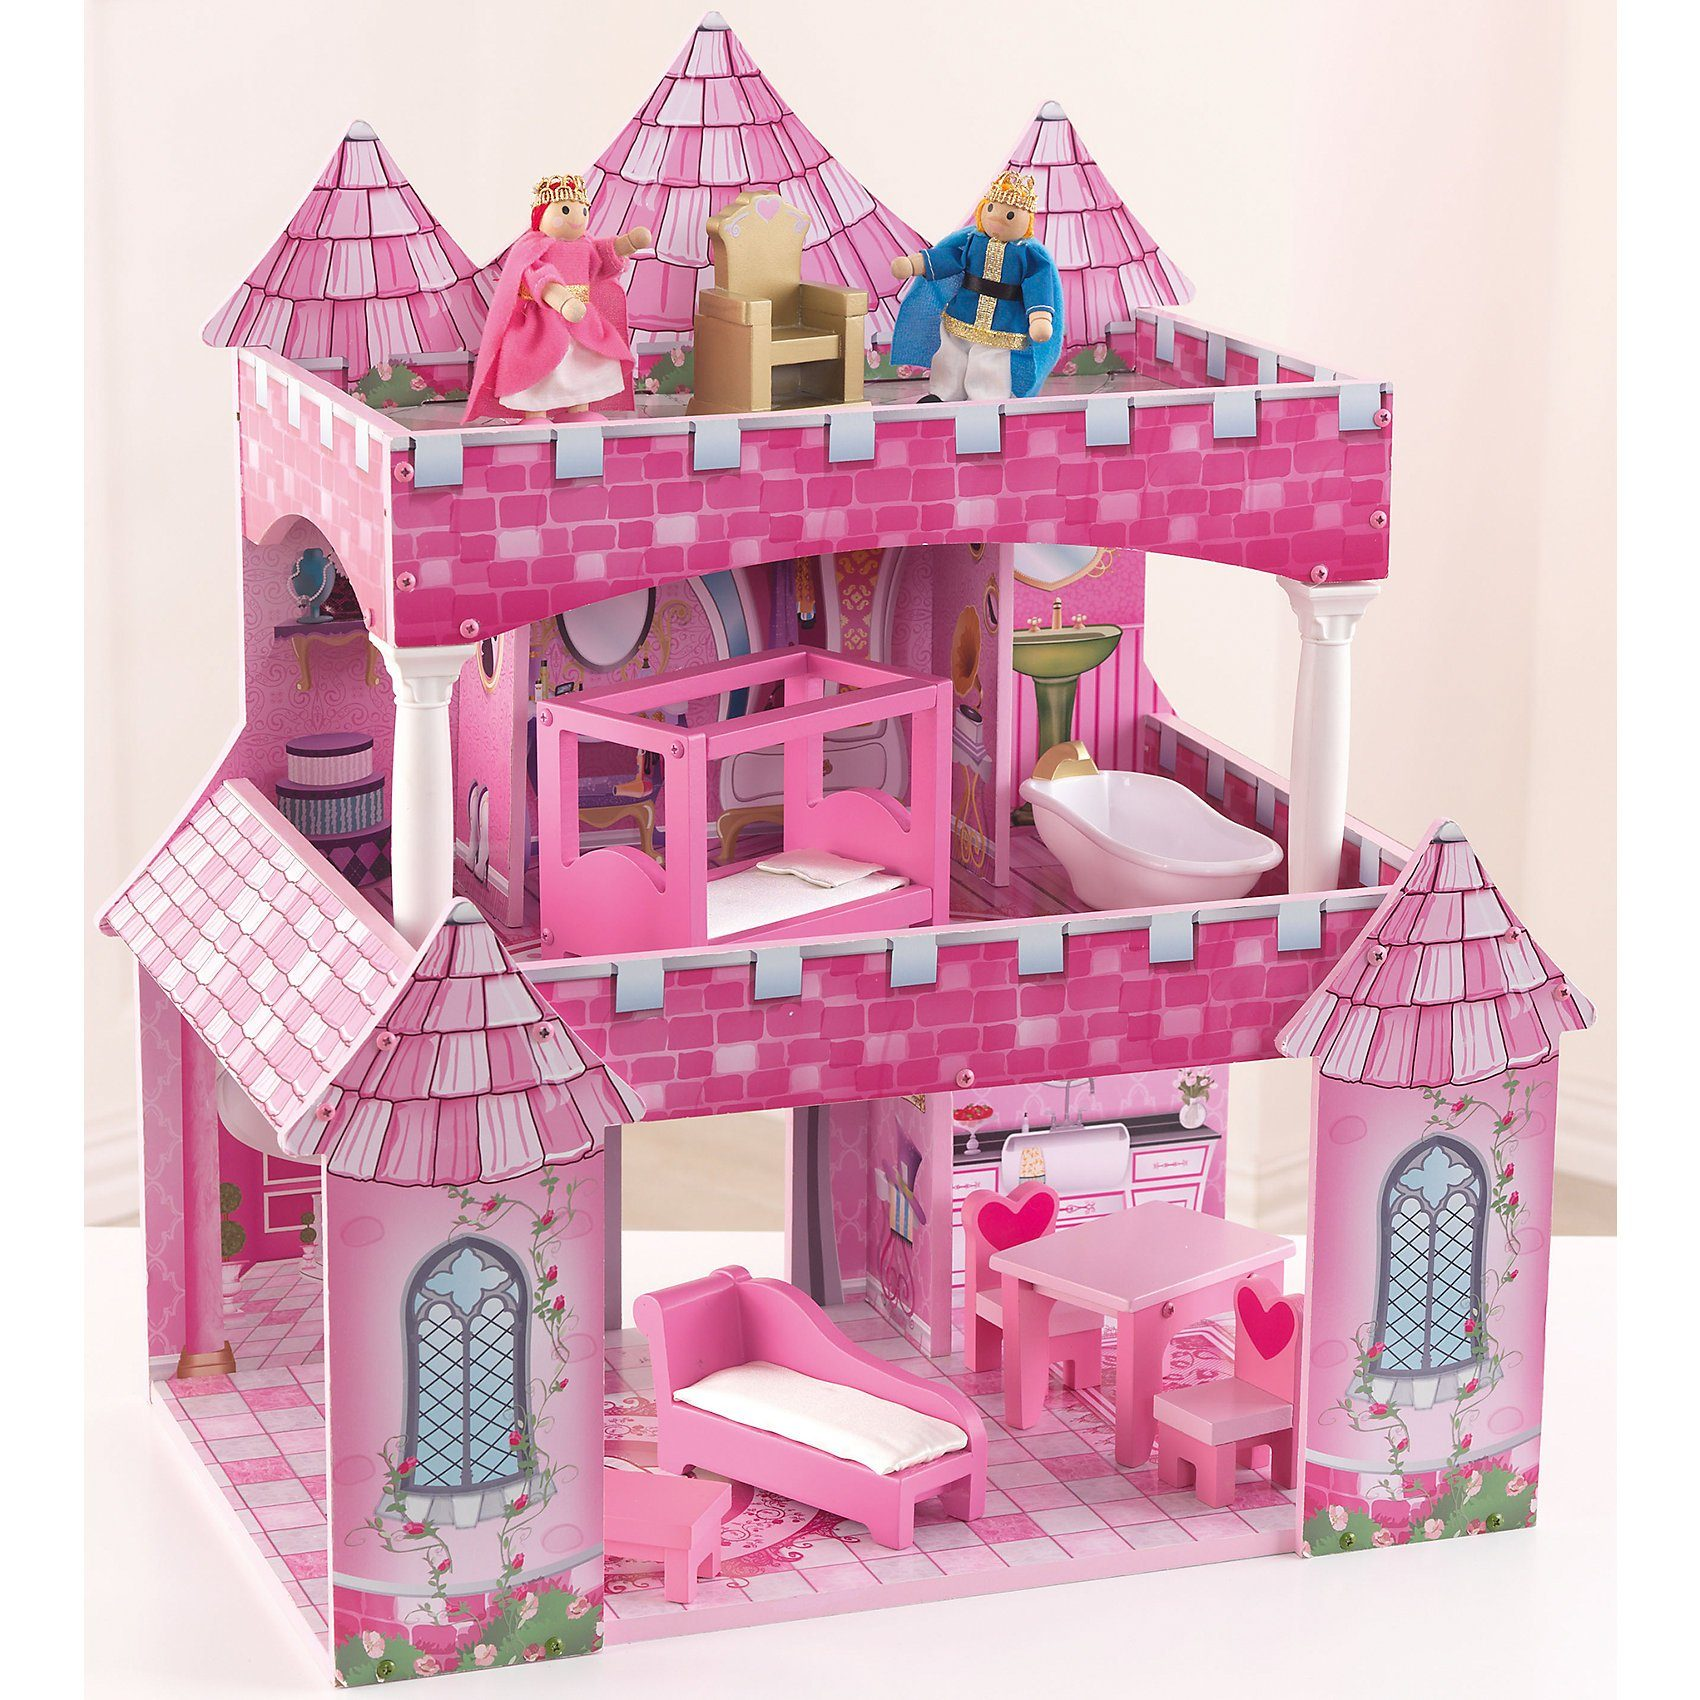 KidKraft Exklusiv Puppenhaus Princess inkl. Zubehör und Puppen